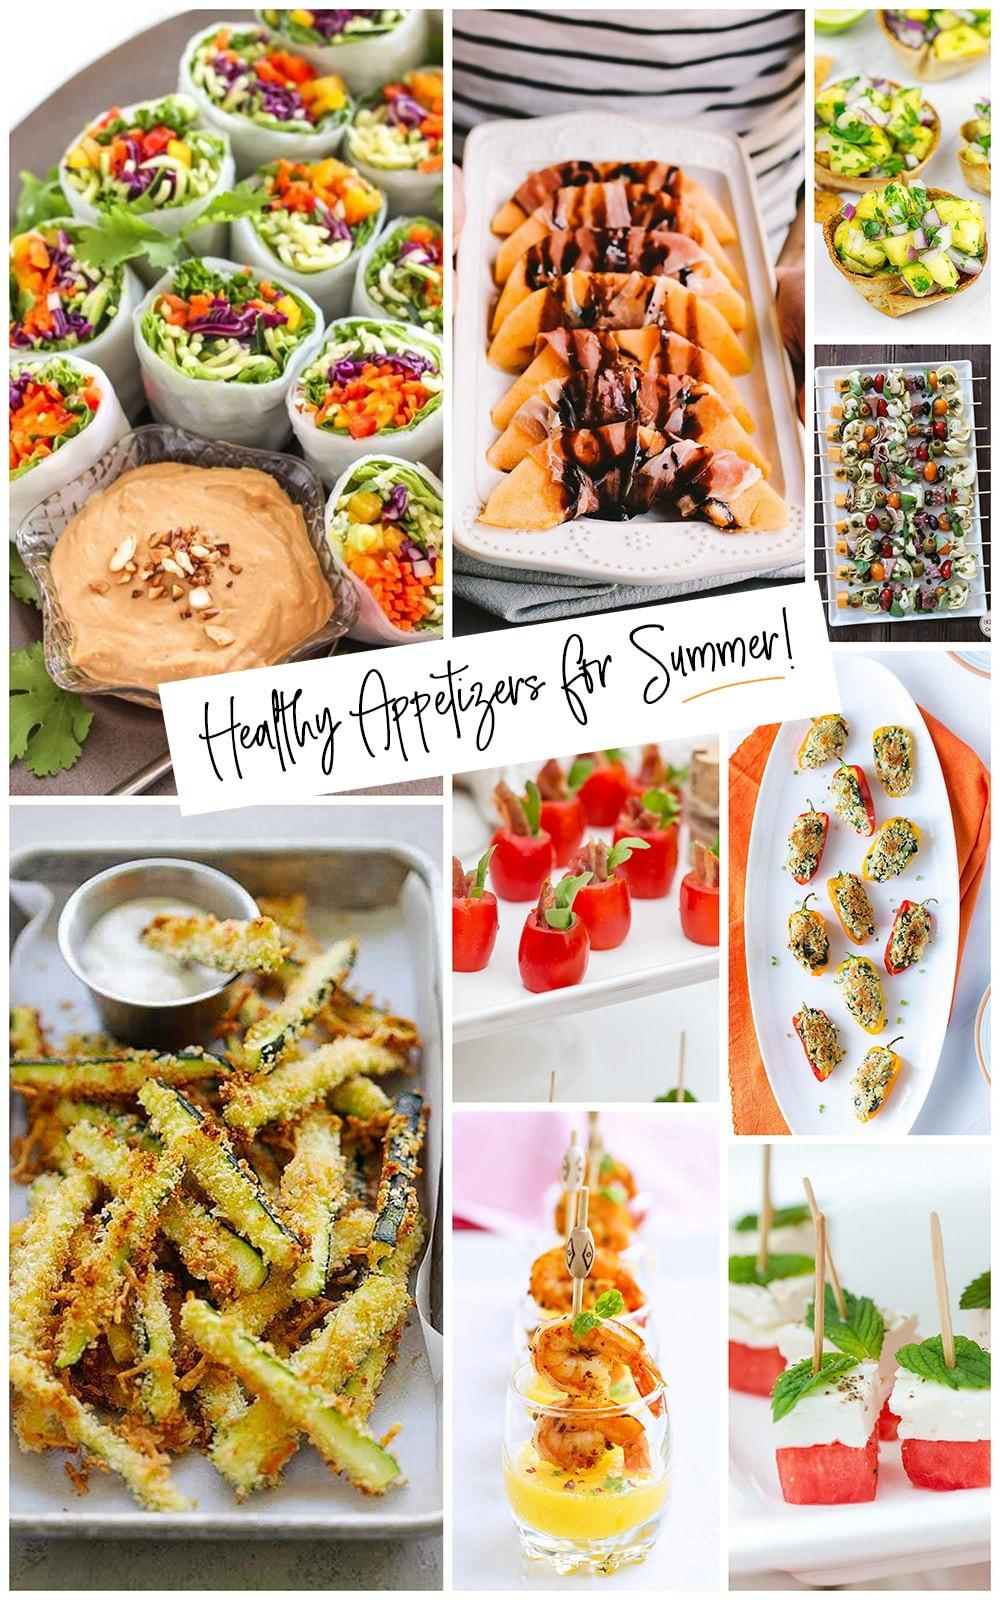 Healthy Summer Appetizers  Healthy Summer Appetizers Easy & Delish Pizzazzerie